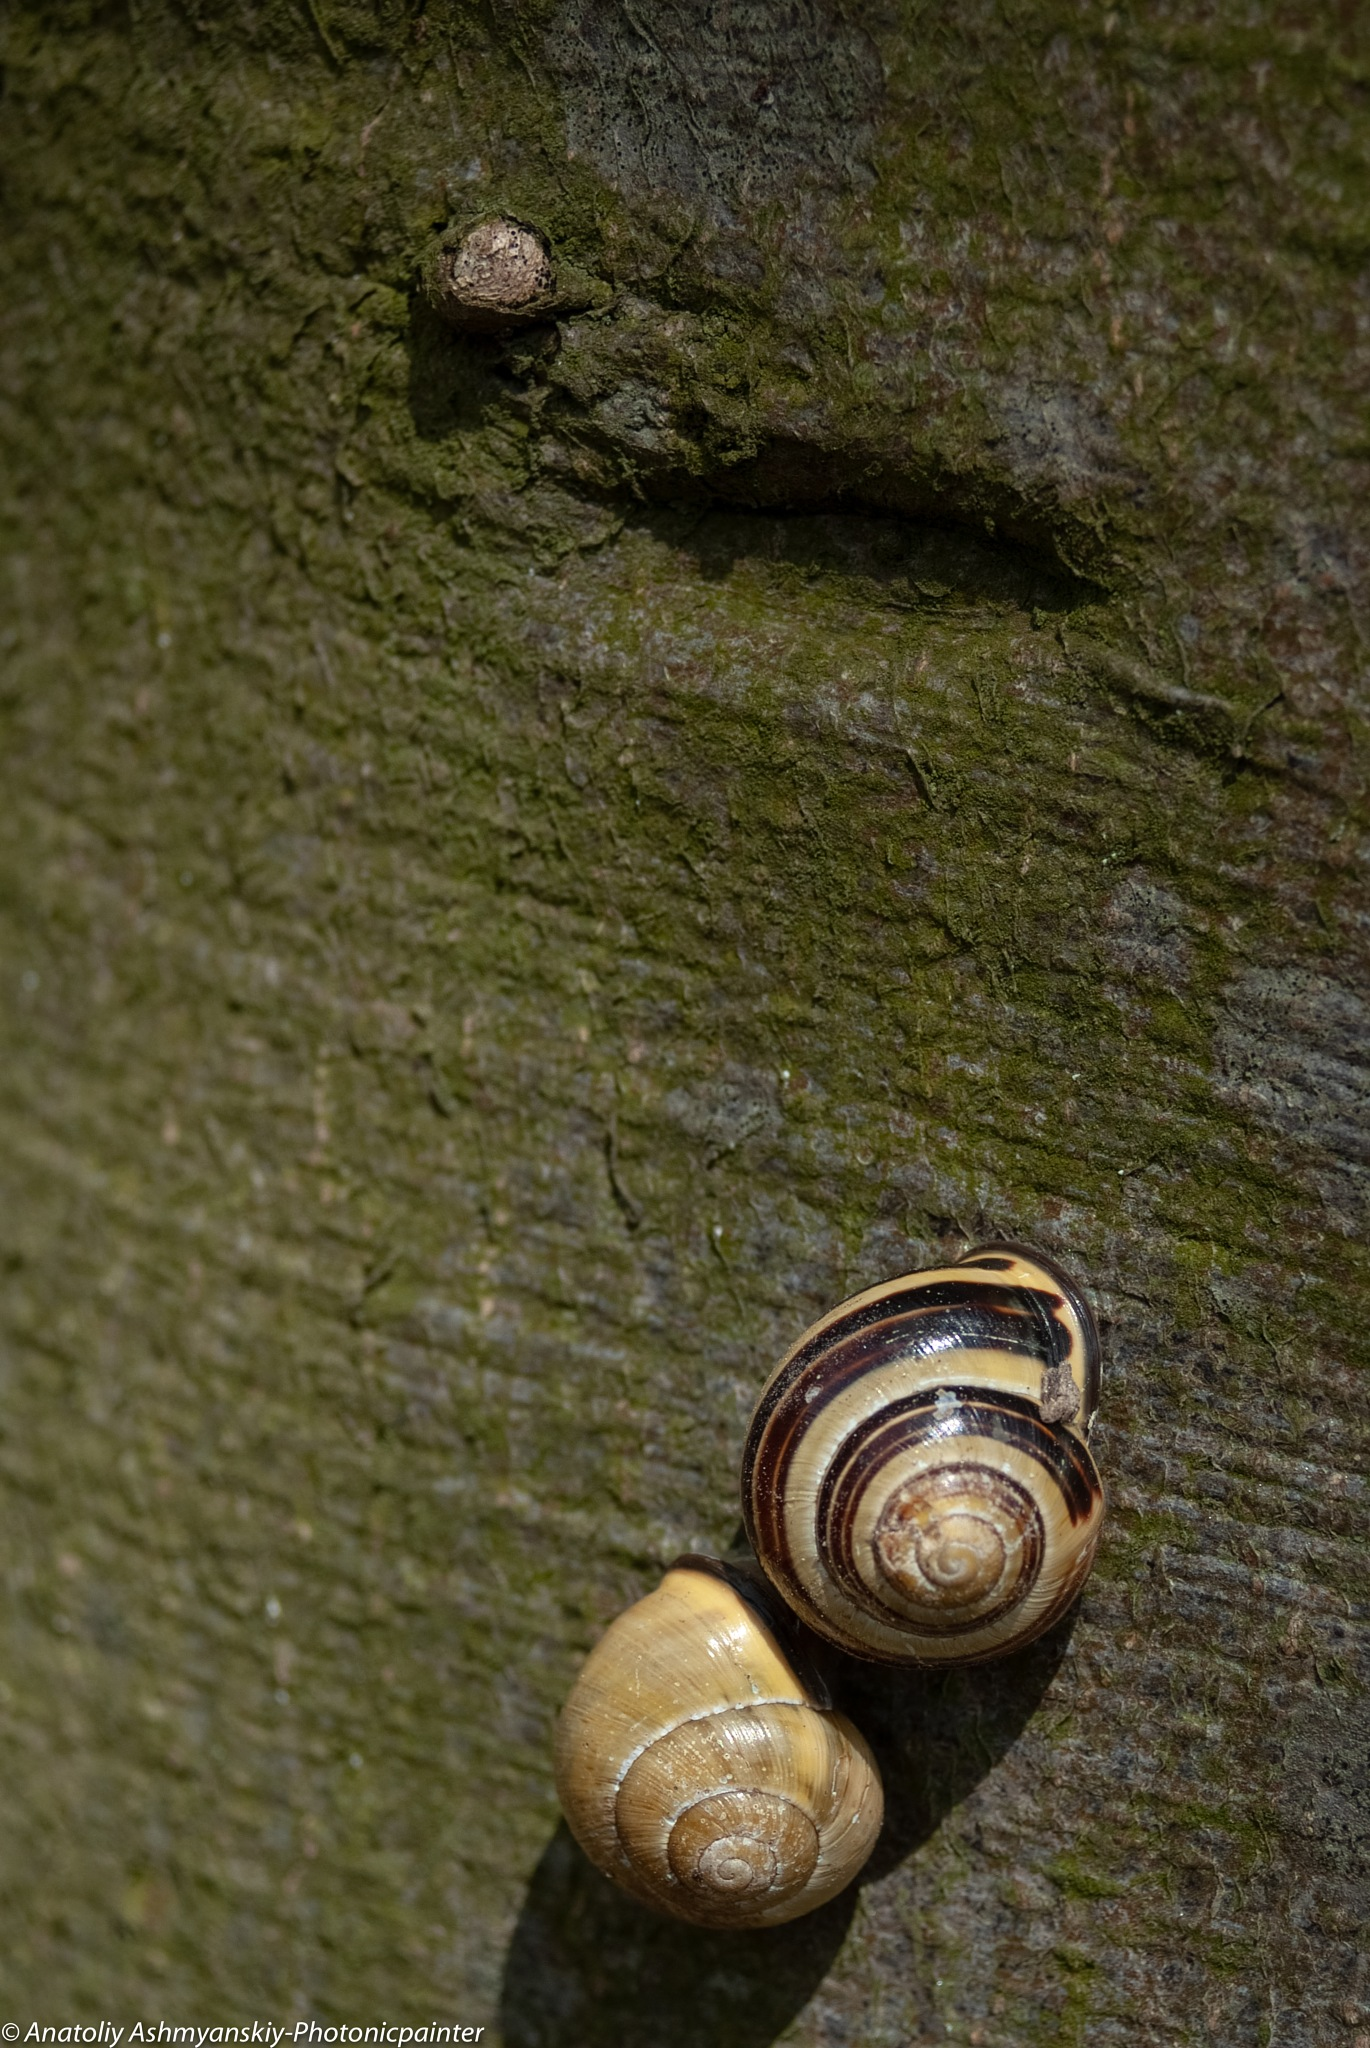 Snails by Anatoliy Ashmyanskiy